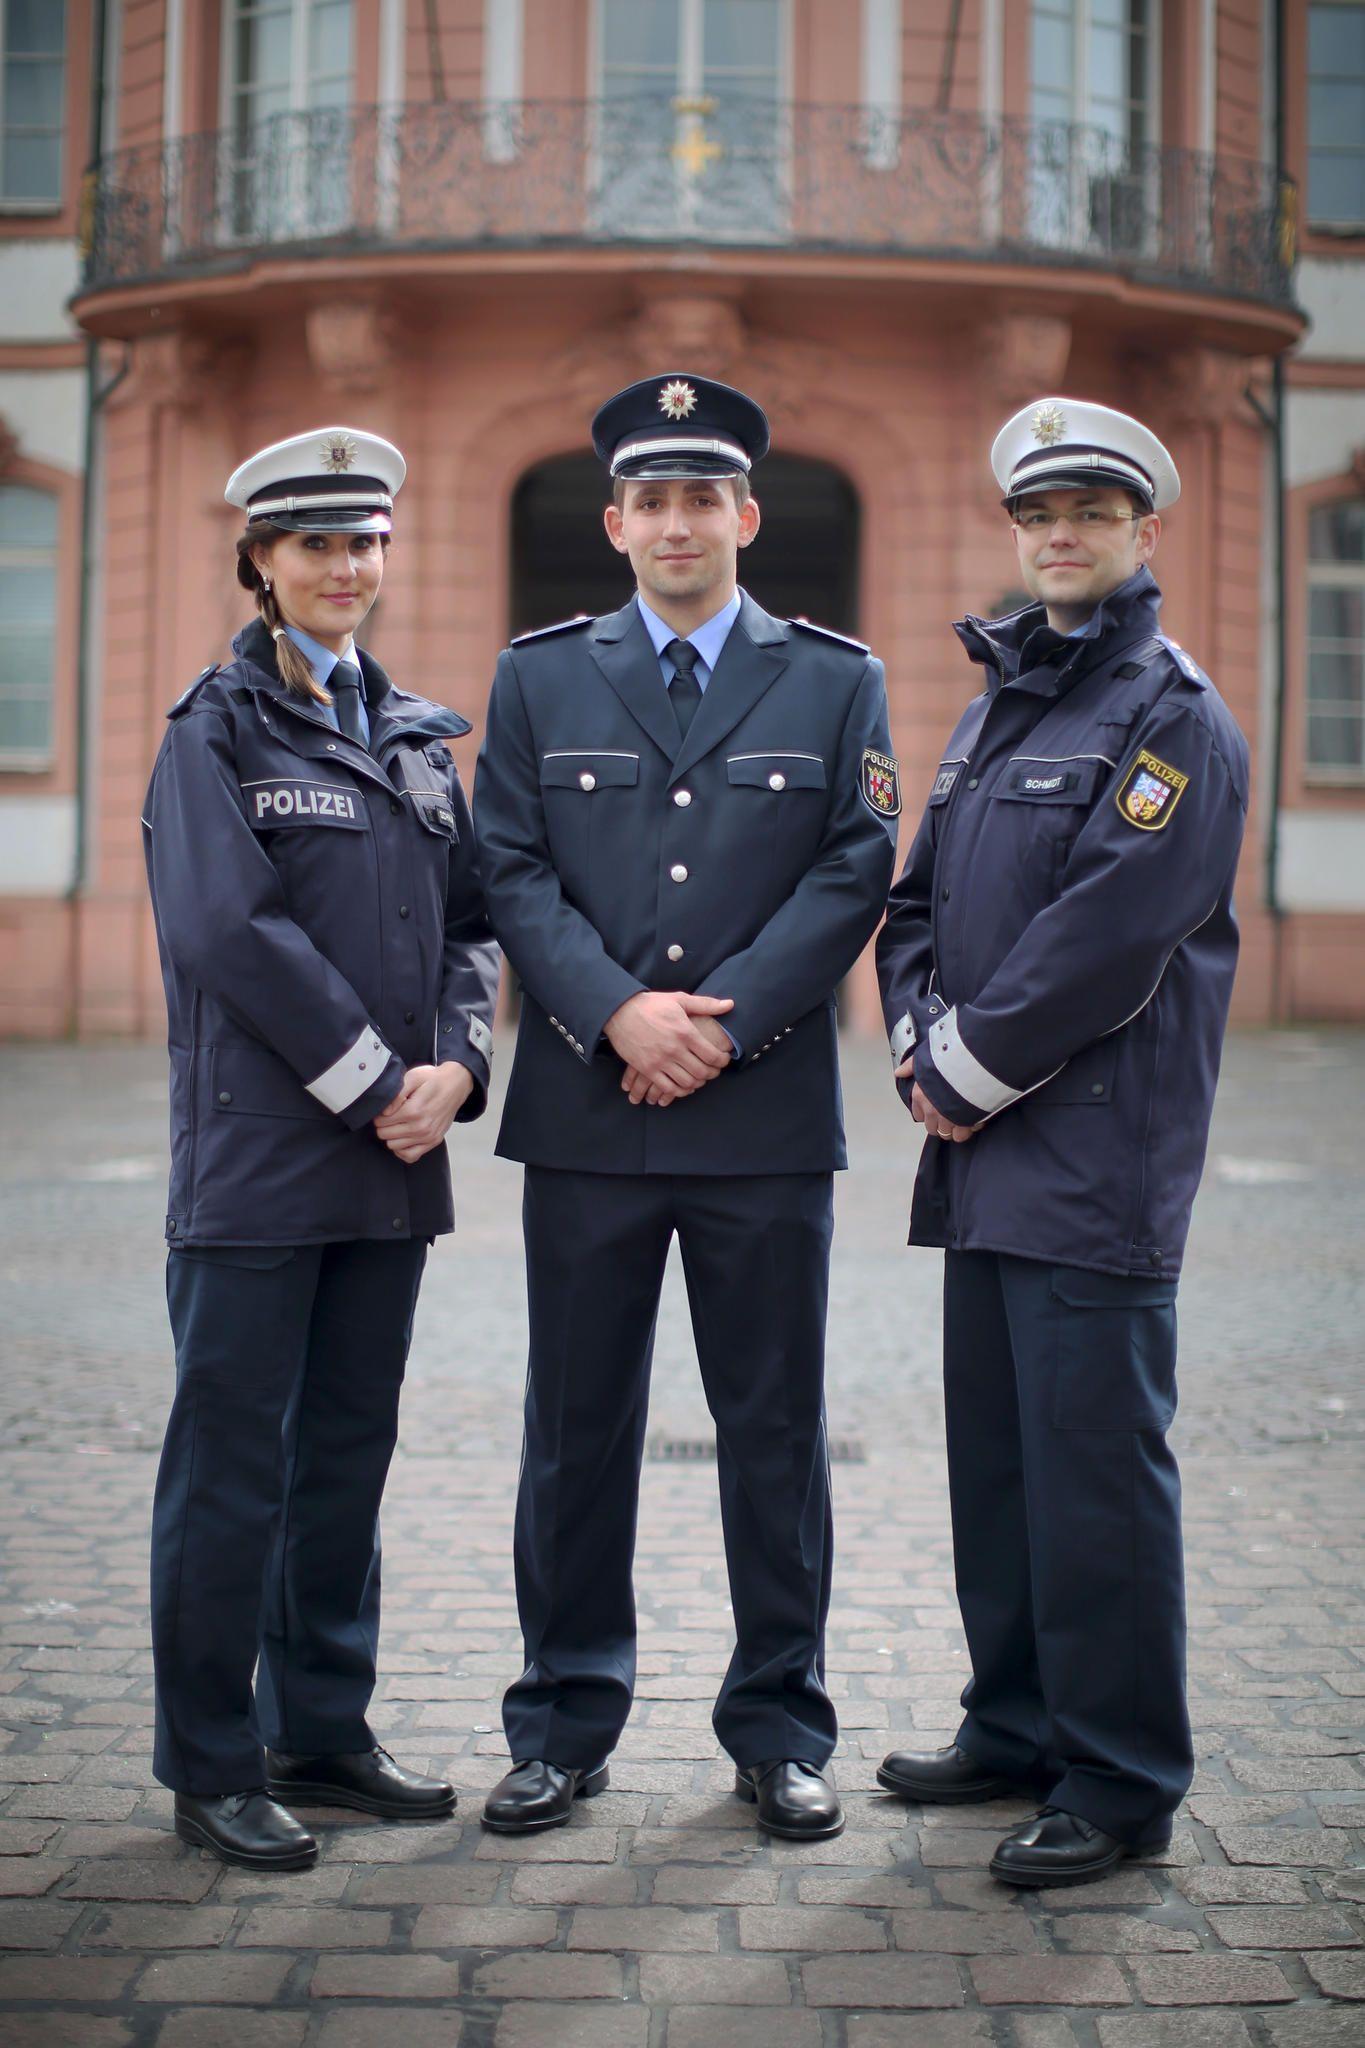 polizei-saarland-dpa